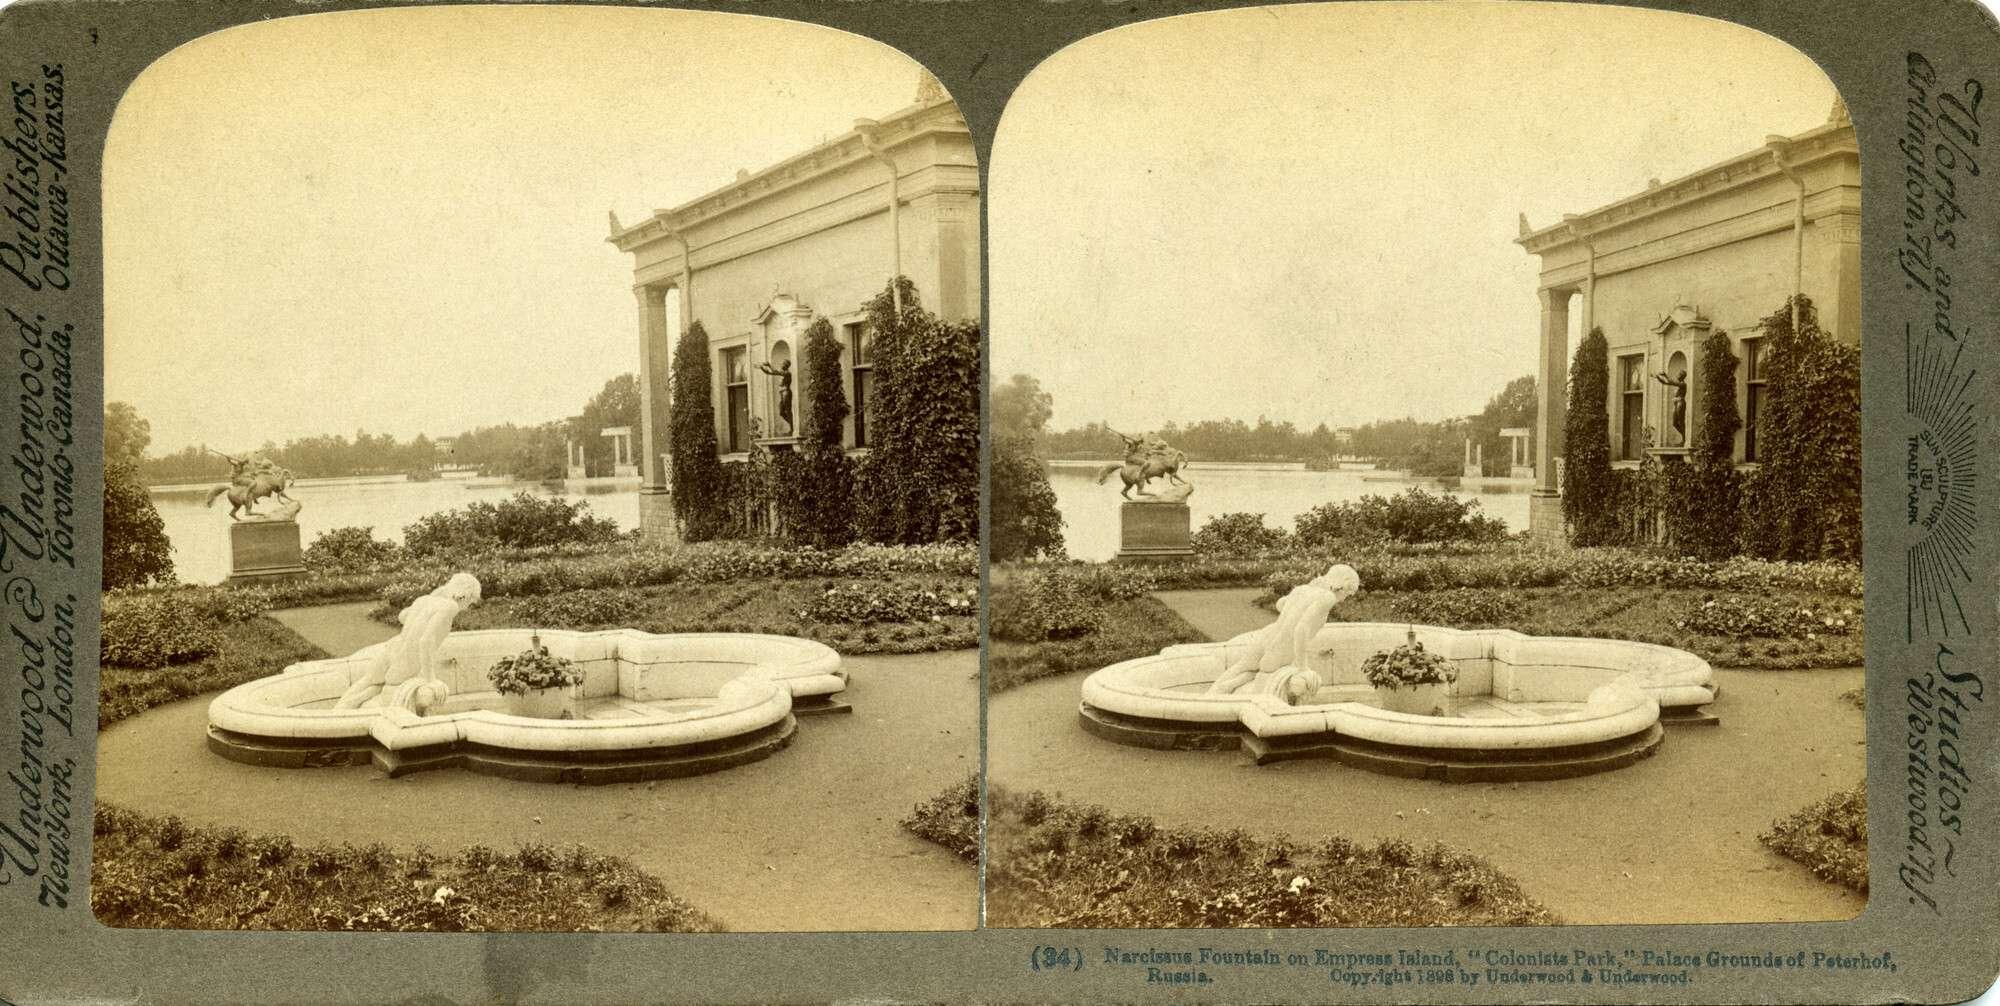 Царицын остров в Петергофе. Фонтан «Нарцисс», 1898.    Фирма «Underwood & Underwood»